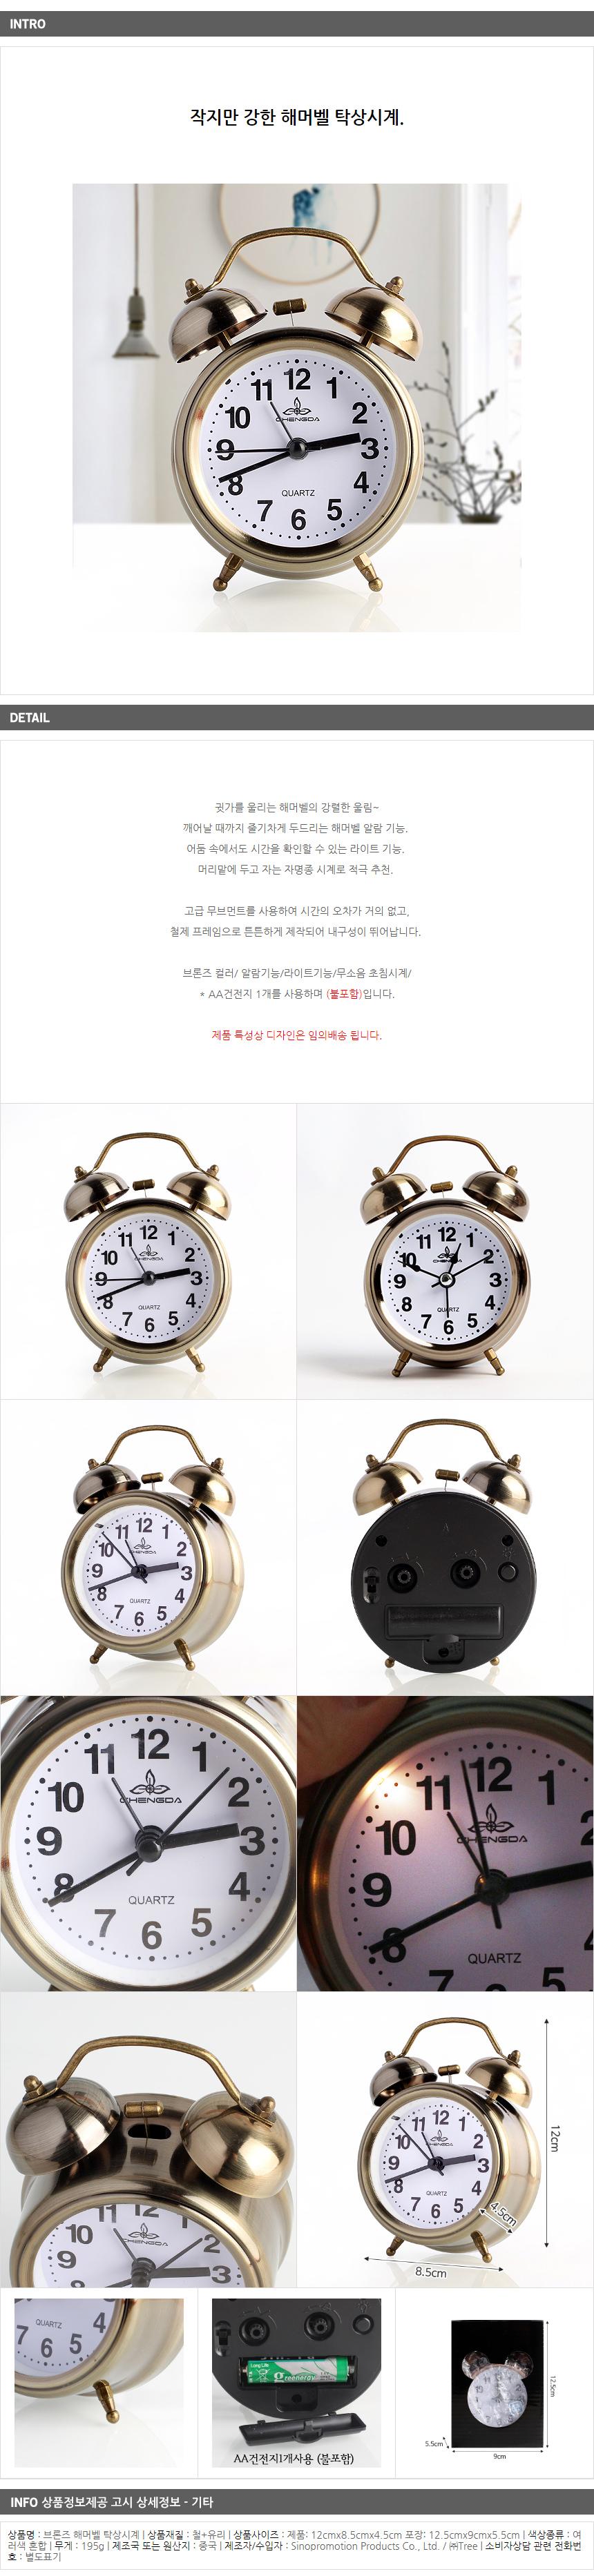 강력한 시끄러운 알람시계/엔틱 인테리어시계 탁상시계 - 기프트갓, 10,280원, 알람/탁상시계, 알람시계